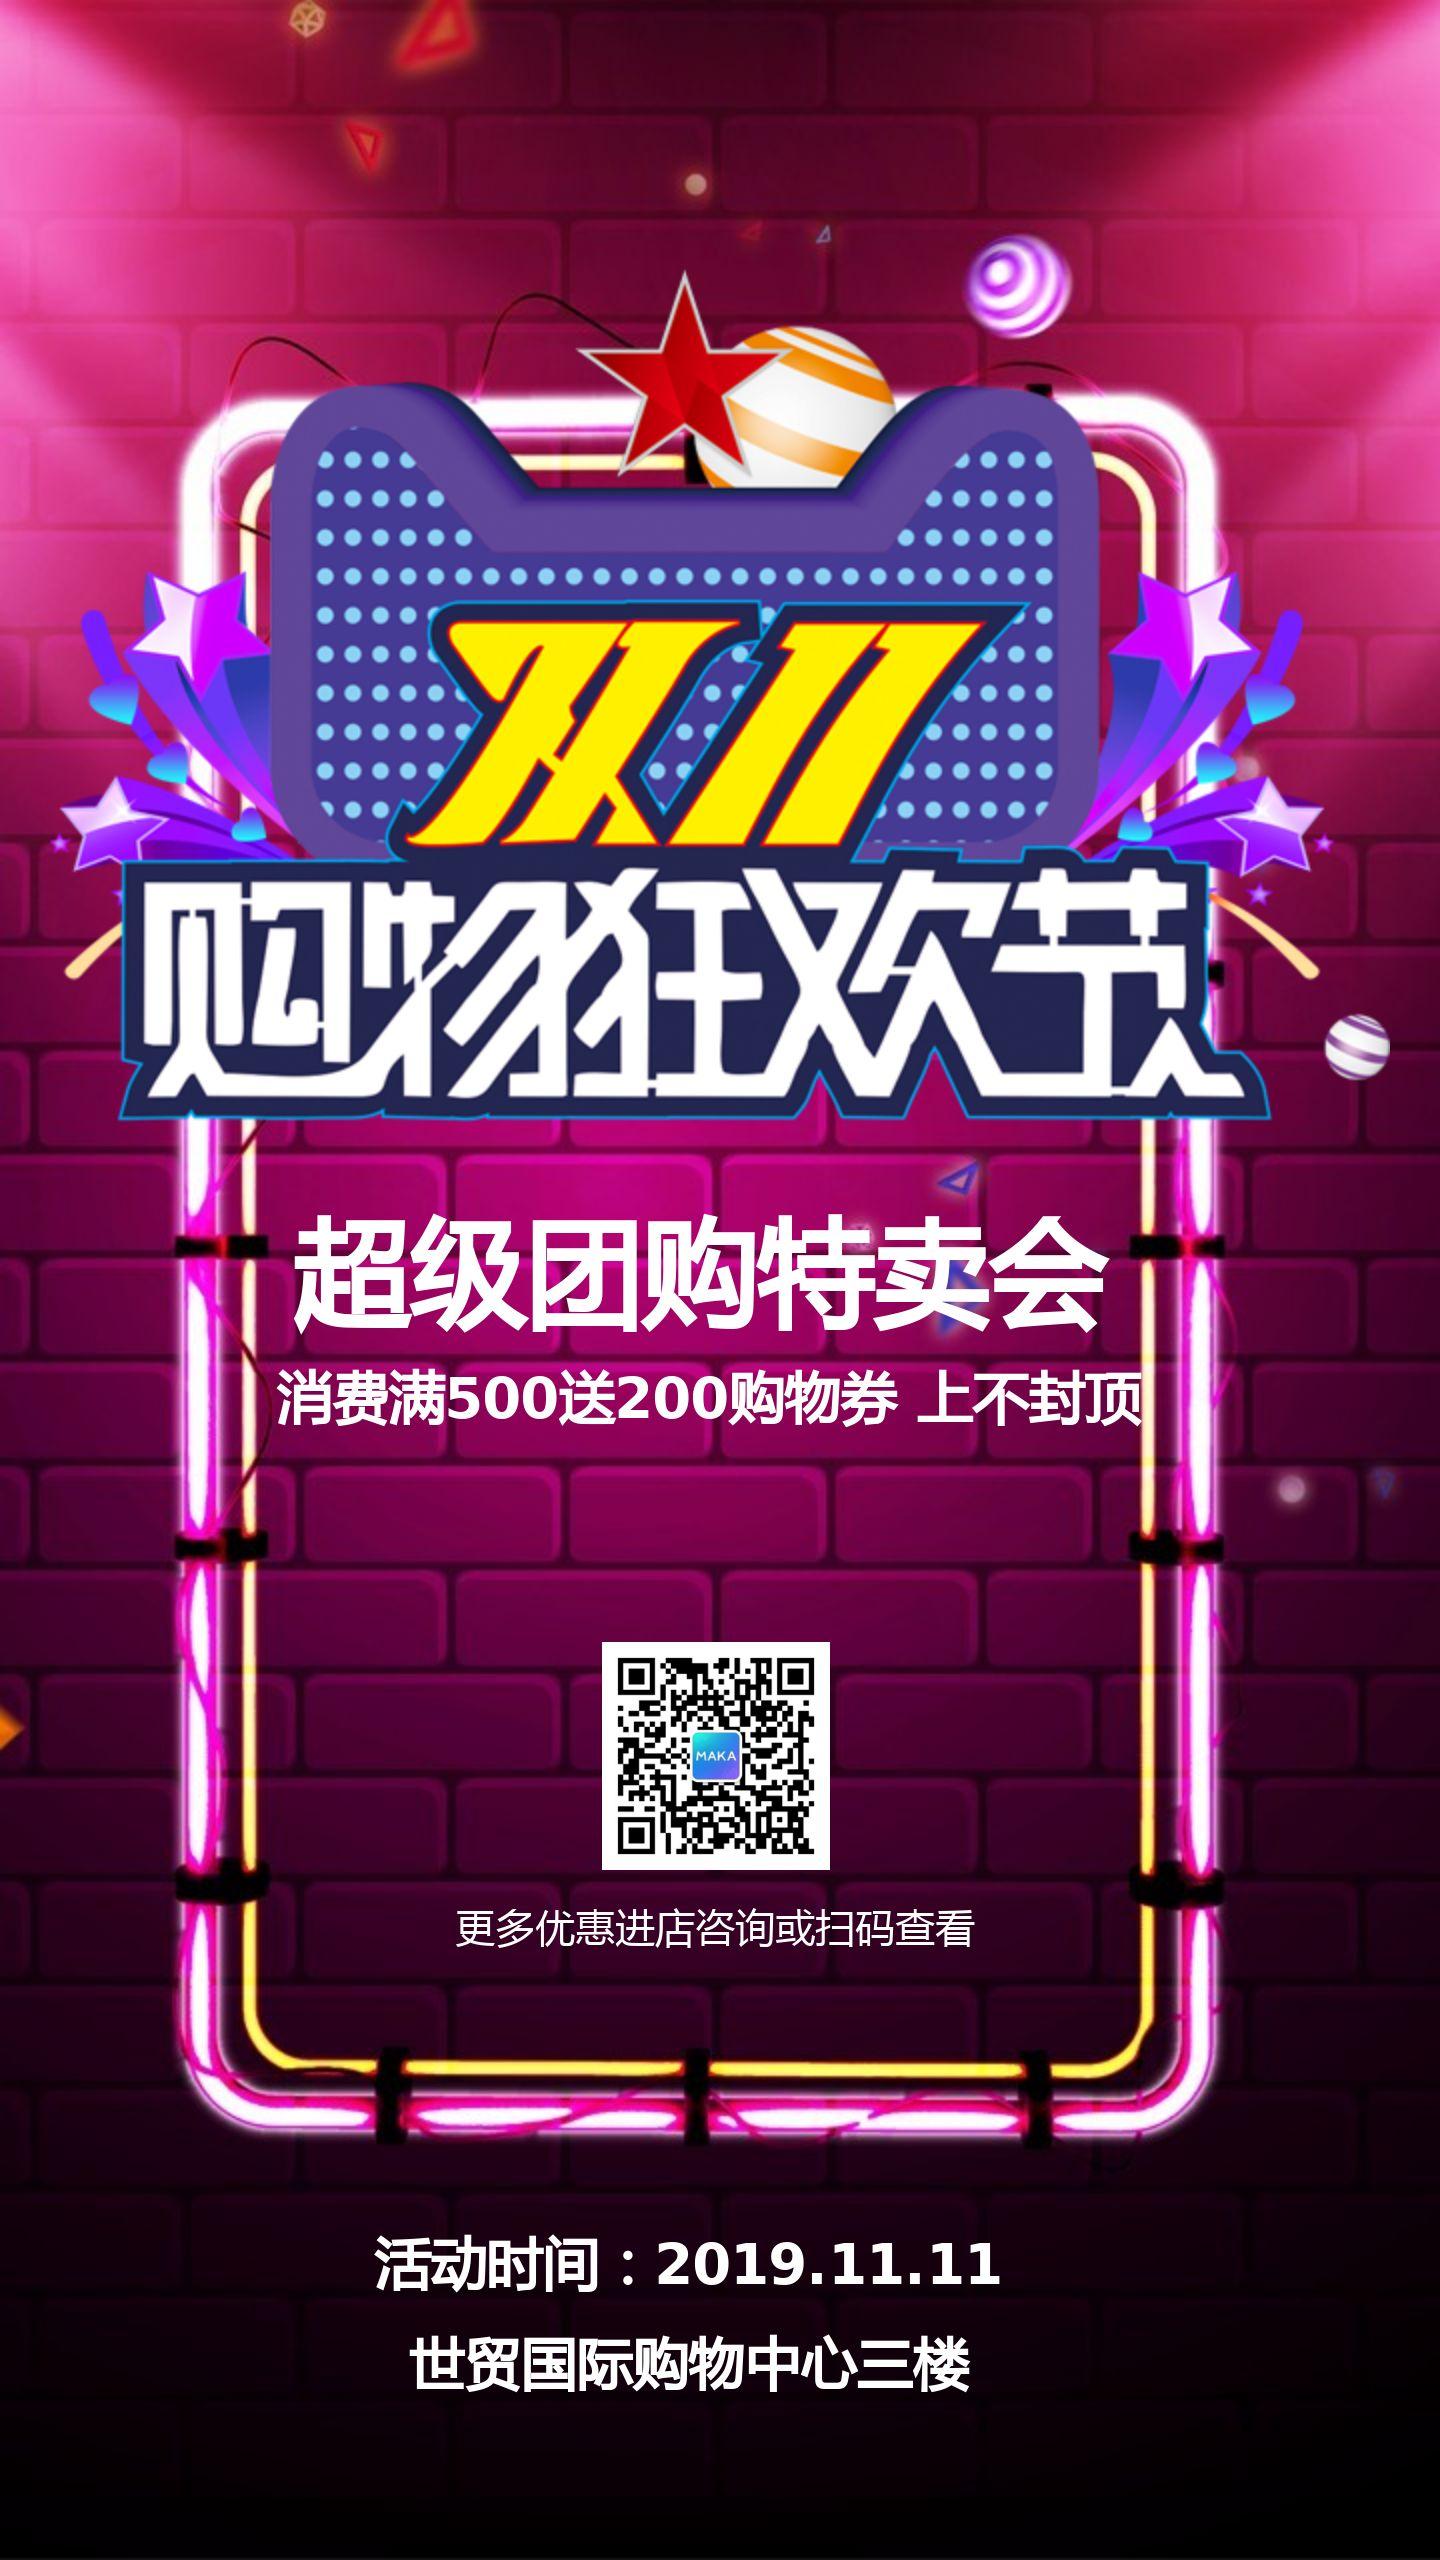 紫色时尚扁平简约双十一购物节促销宣传海报